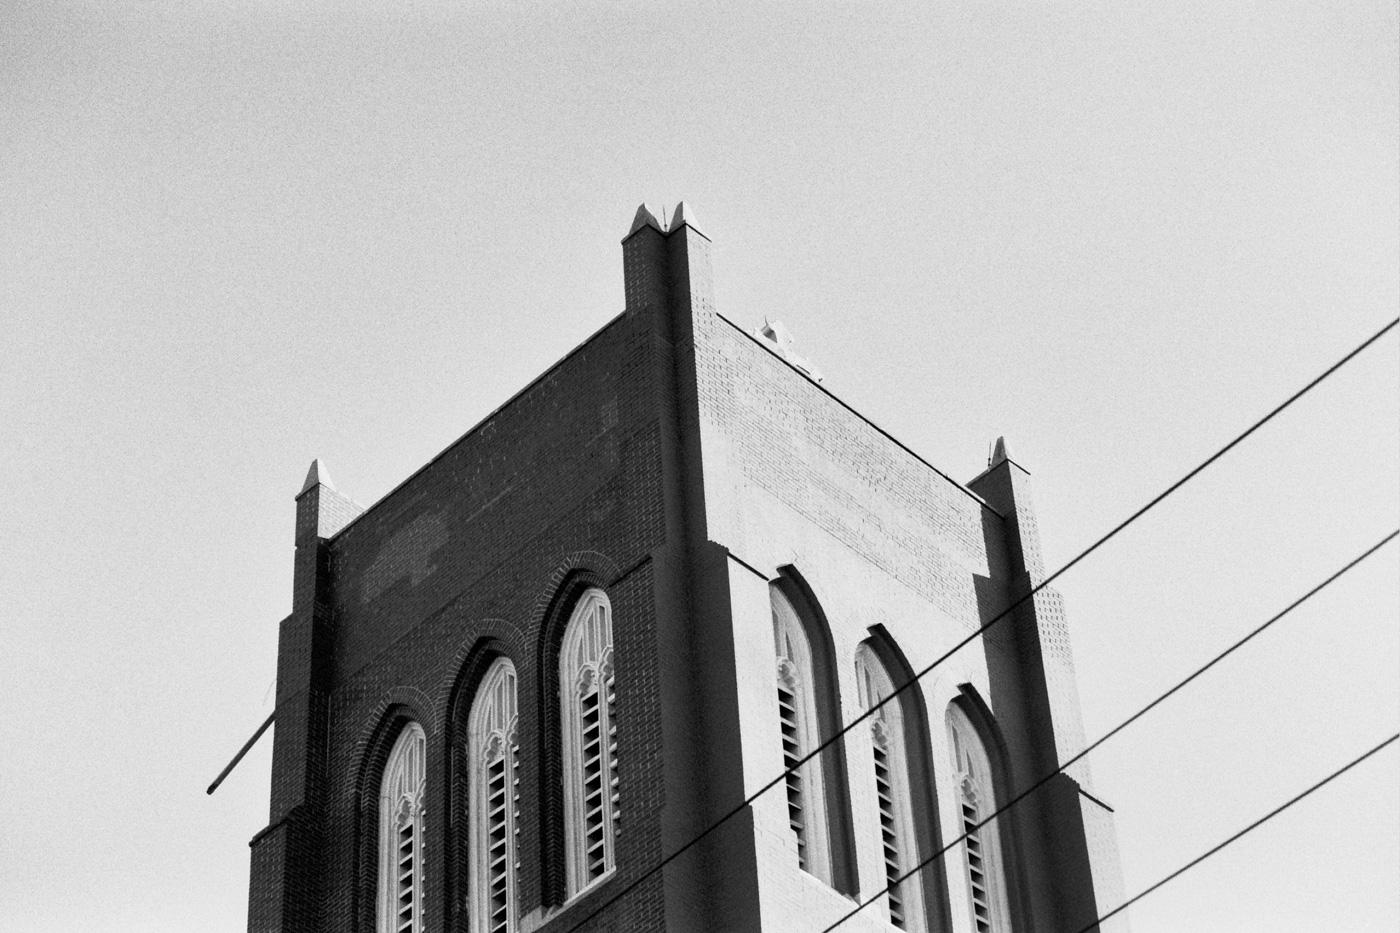 Annunciation BVM Church